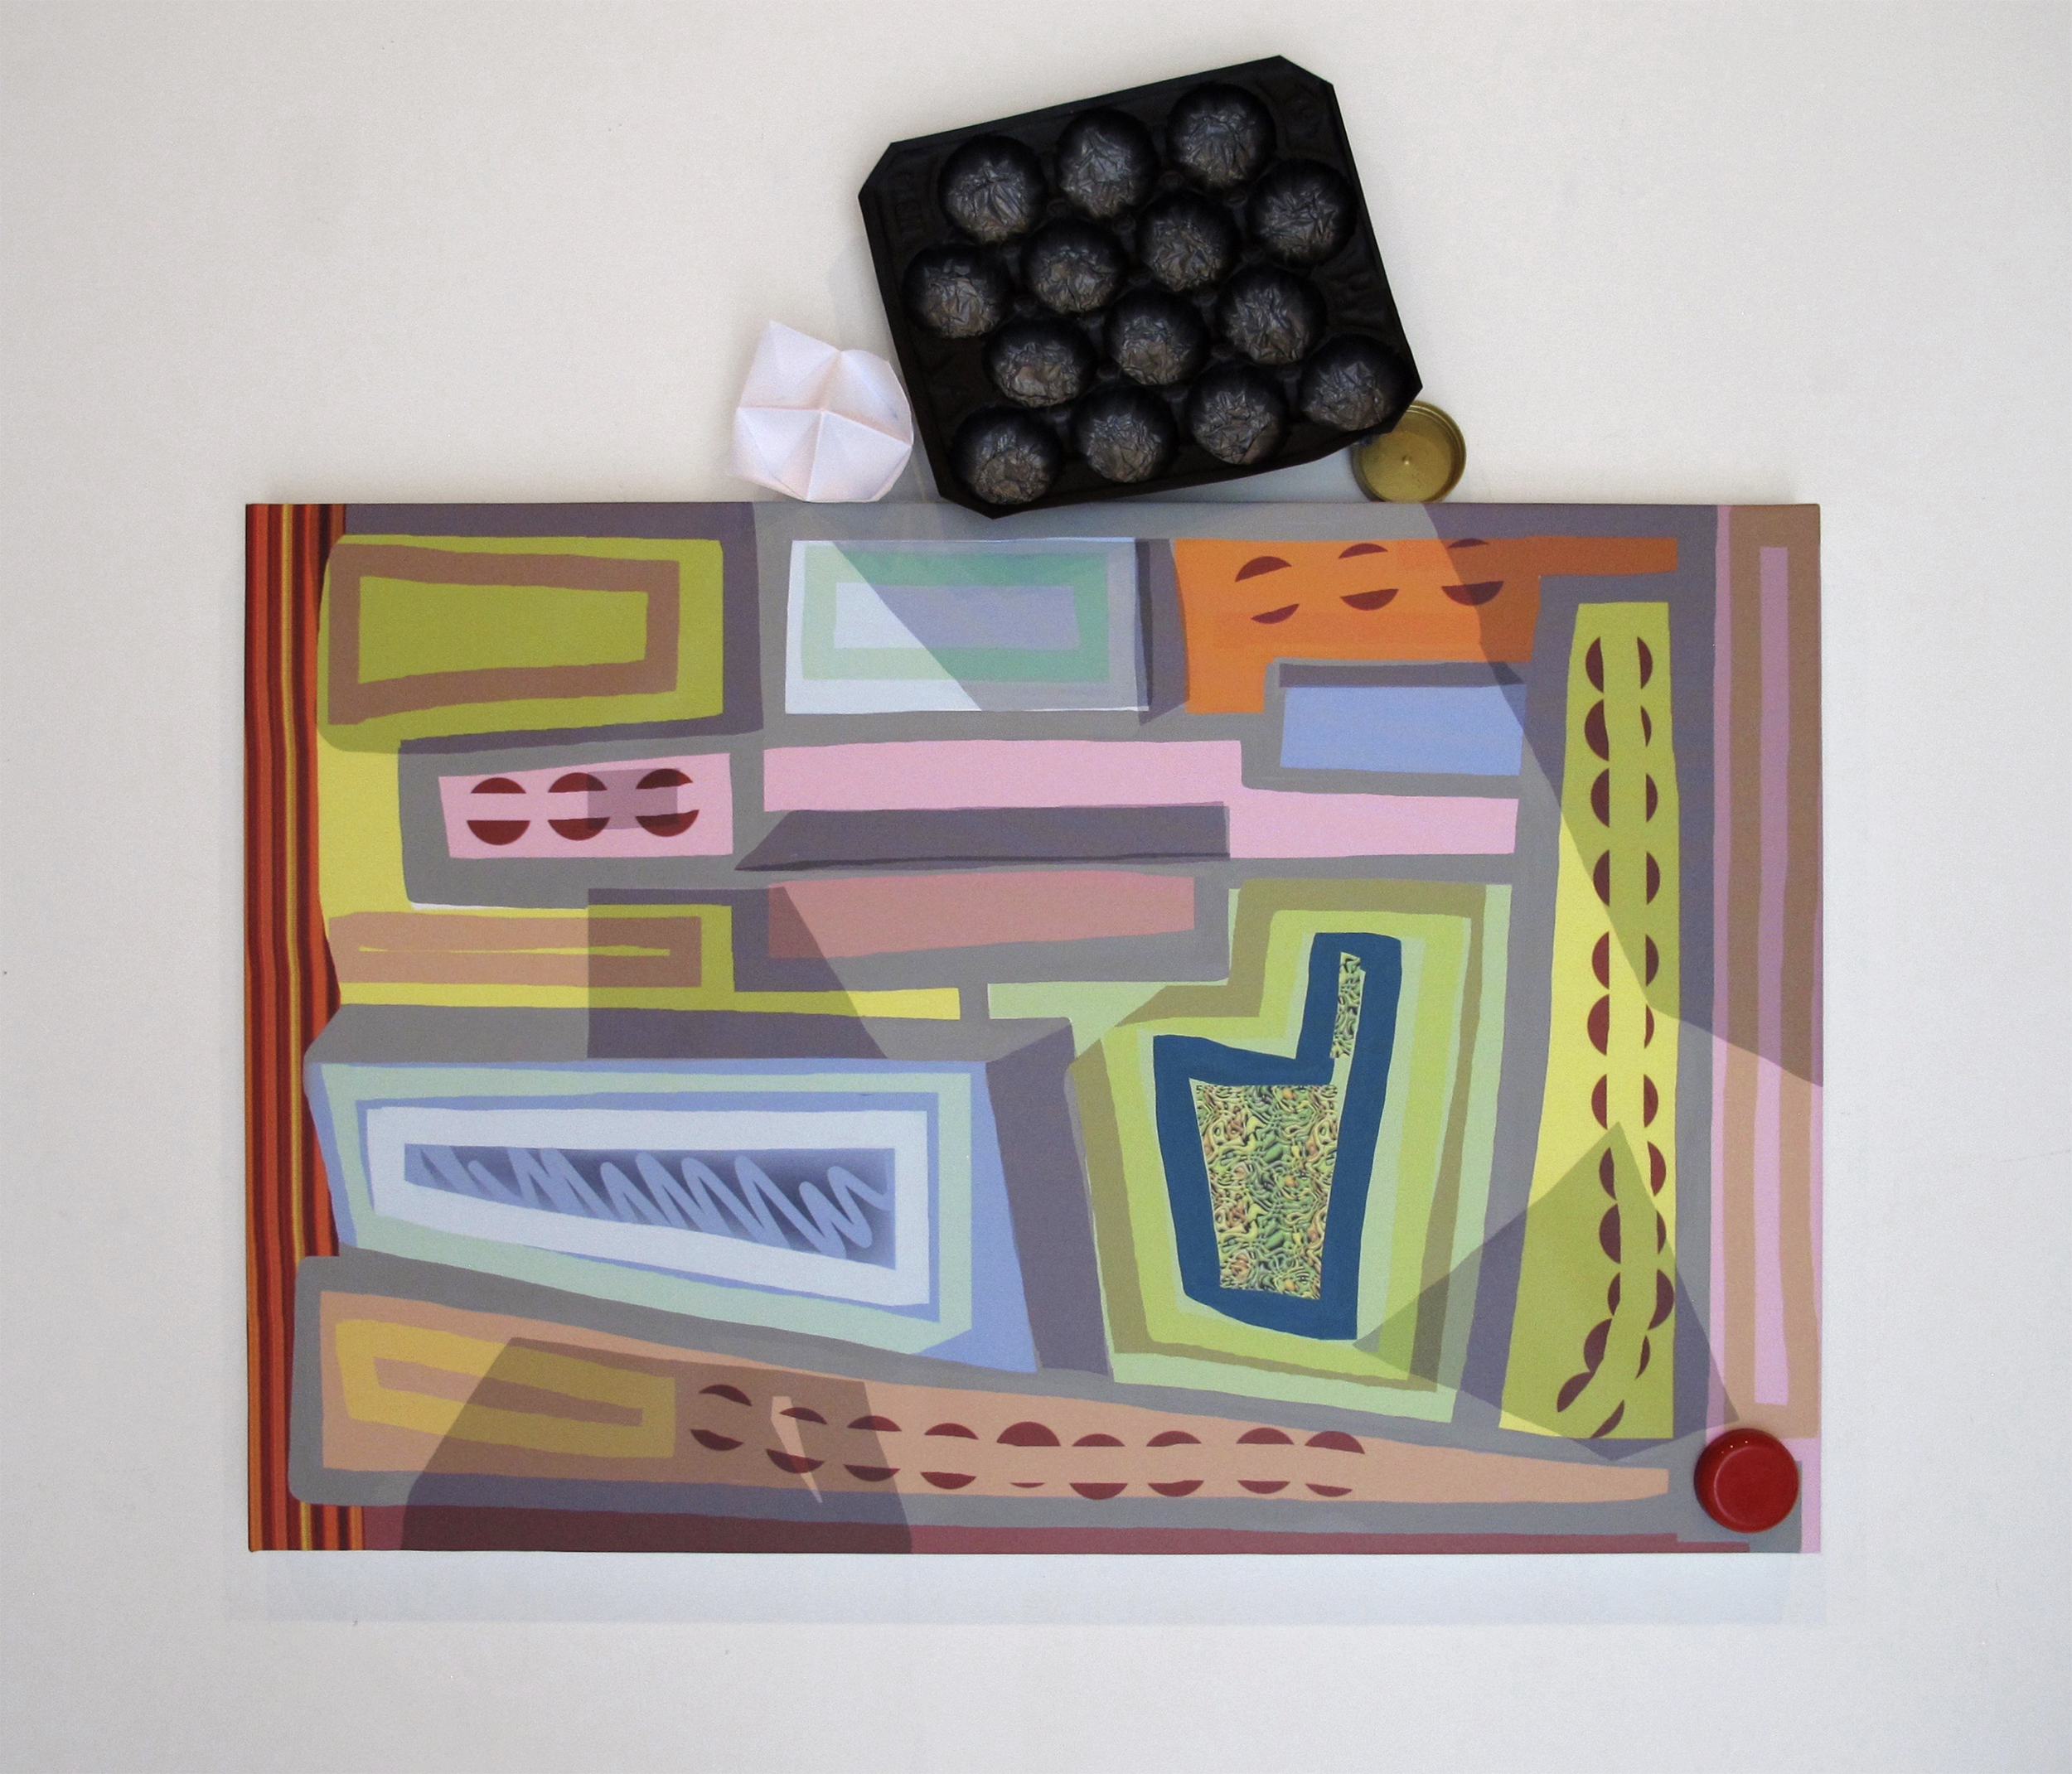 Simone-painting-DesireV.jpg